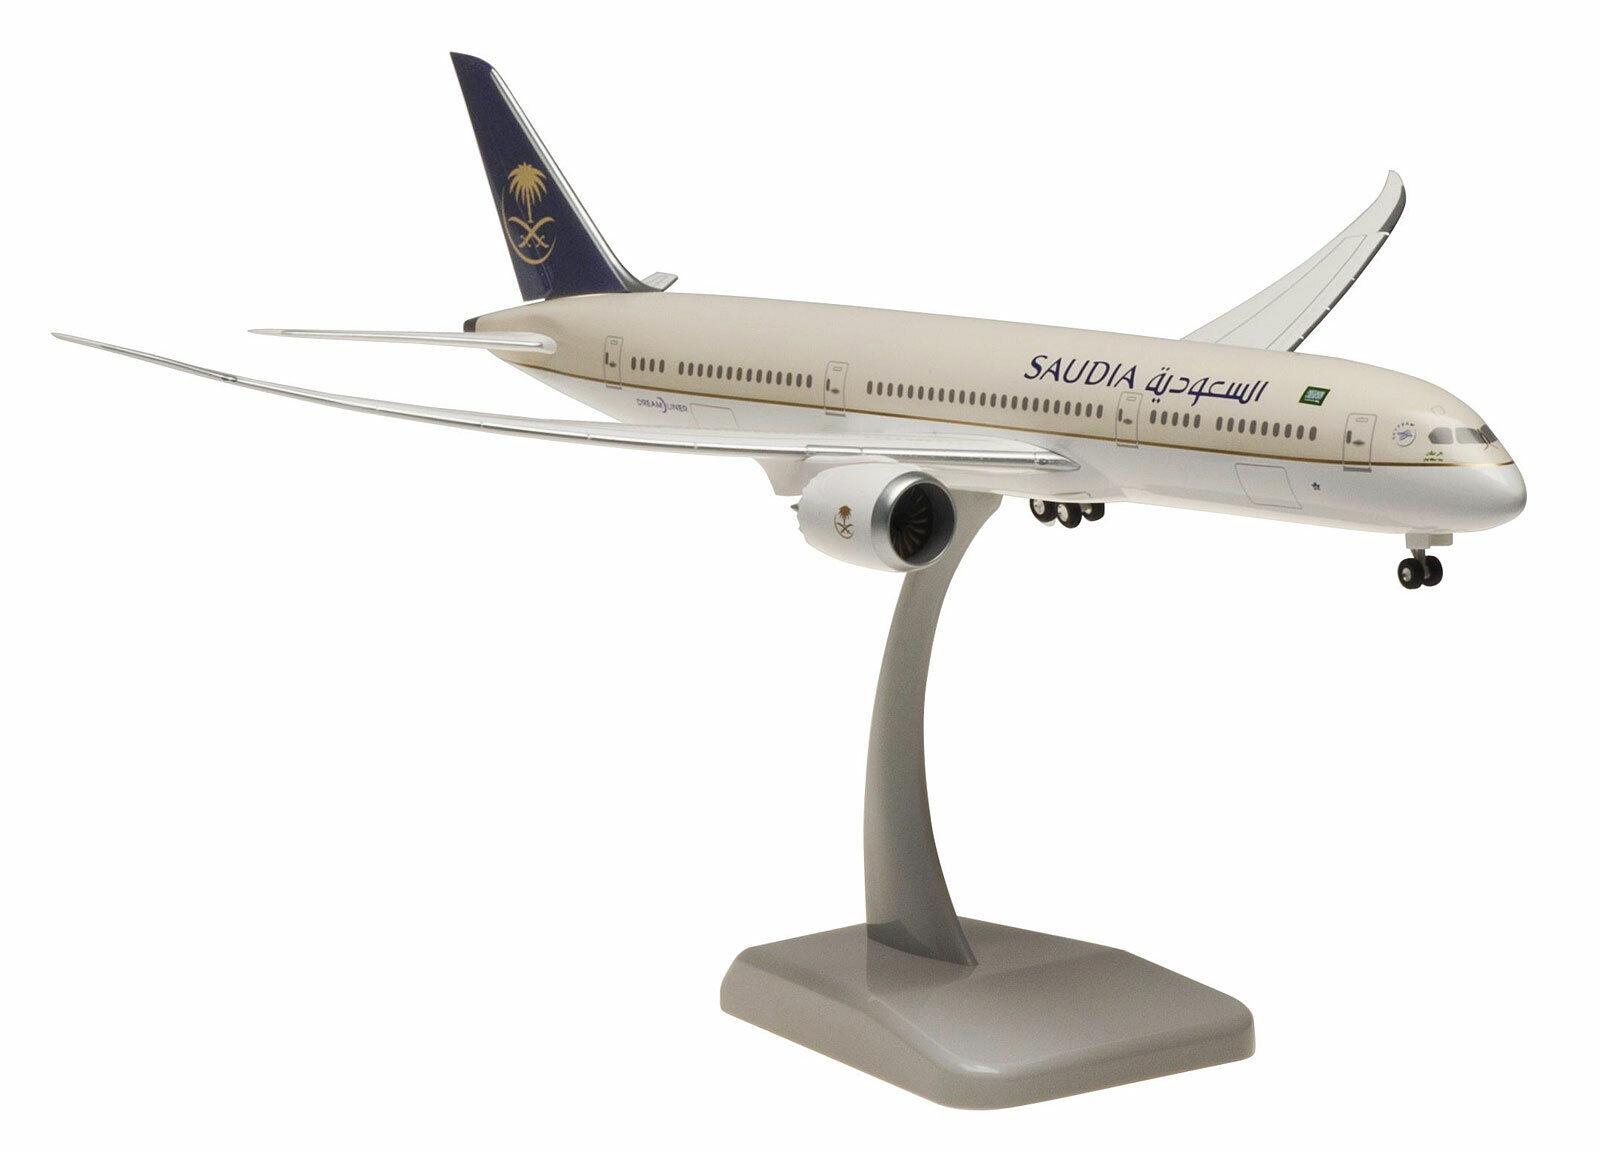 Nazisti Boeing 787-9 1 200 HOGAN modello 10413 Dreamliner b787 telaio modello